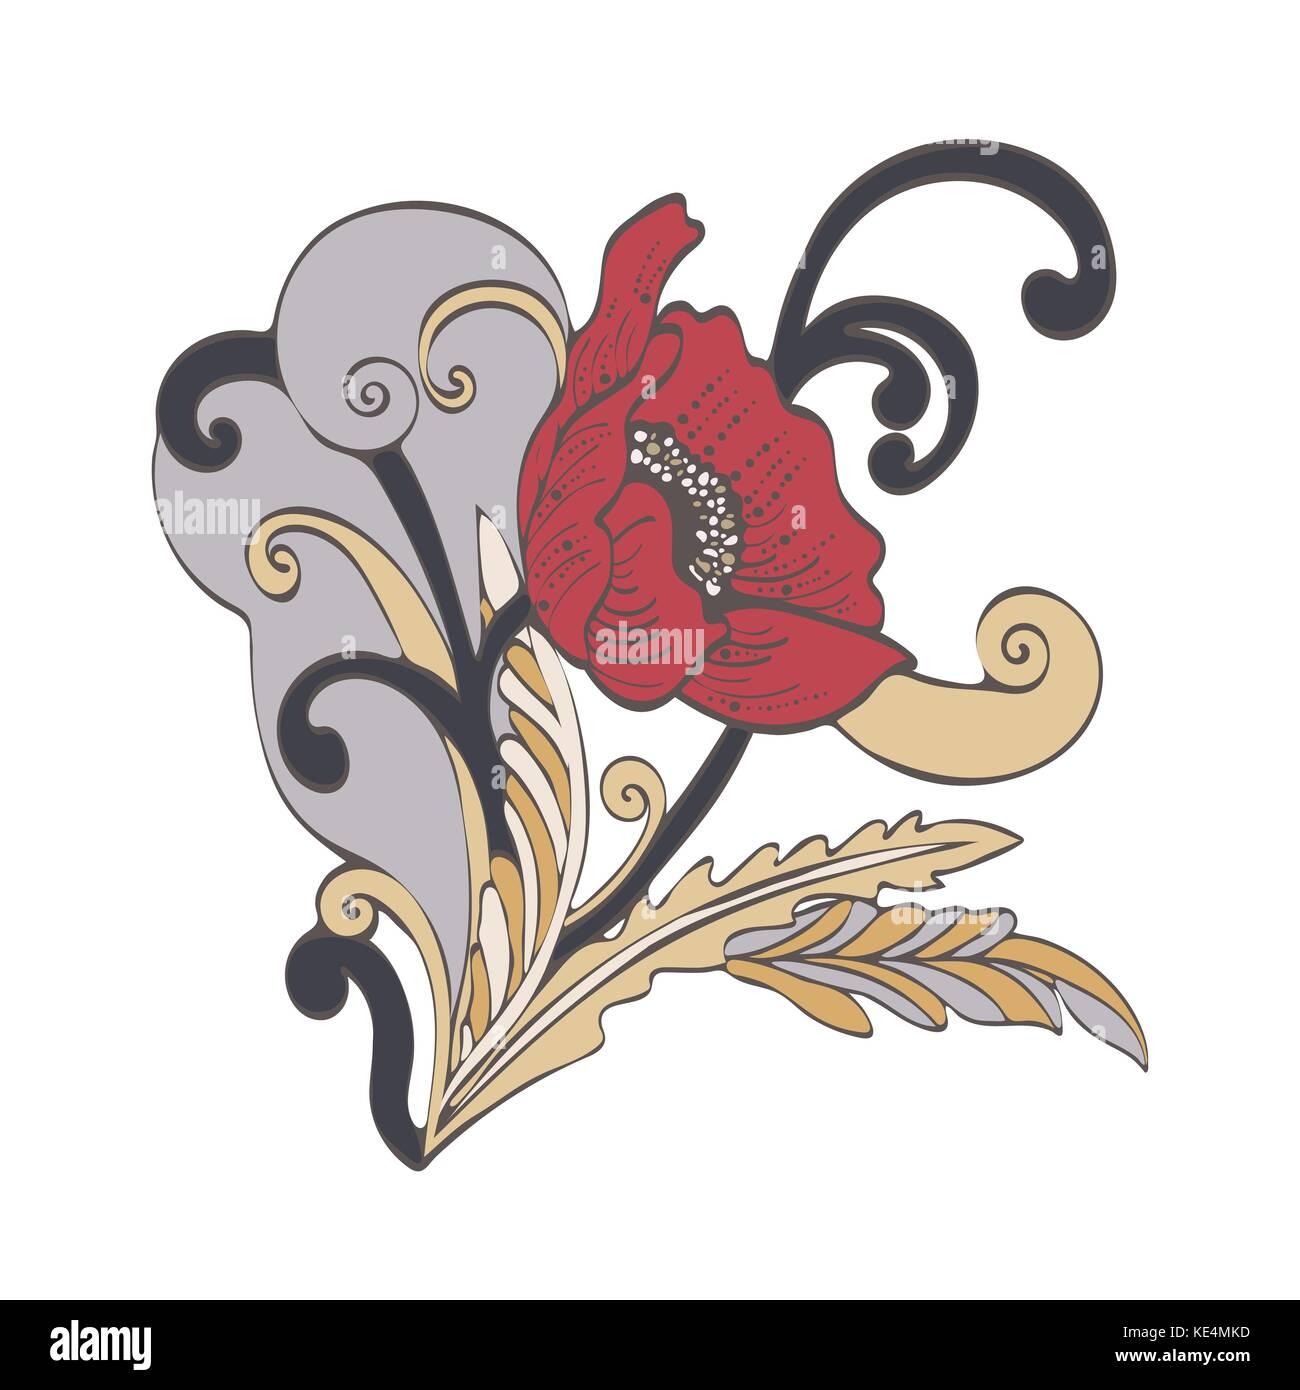 Cartoon Boho Flower Stock Photos & Cartoon Boho Flower Stock Images ...